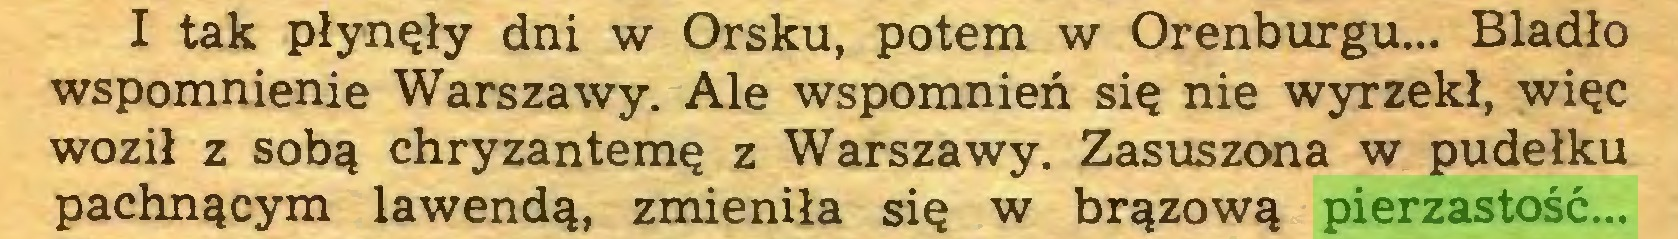 (...) I tak płynęły dni w Orsku, potem w Orenburgu... Bladło wspomnienie Warszawy. Ale wspomnień się nie wyrzekł, więc woził z sobą chryzantemę z Warszawy. Zasuszona w pudełku pachnącym lawendą, zmieniła się w brązową pierzastość...